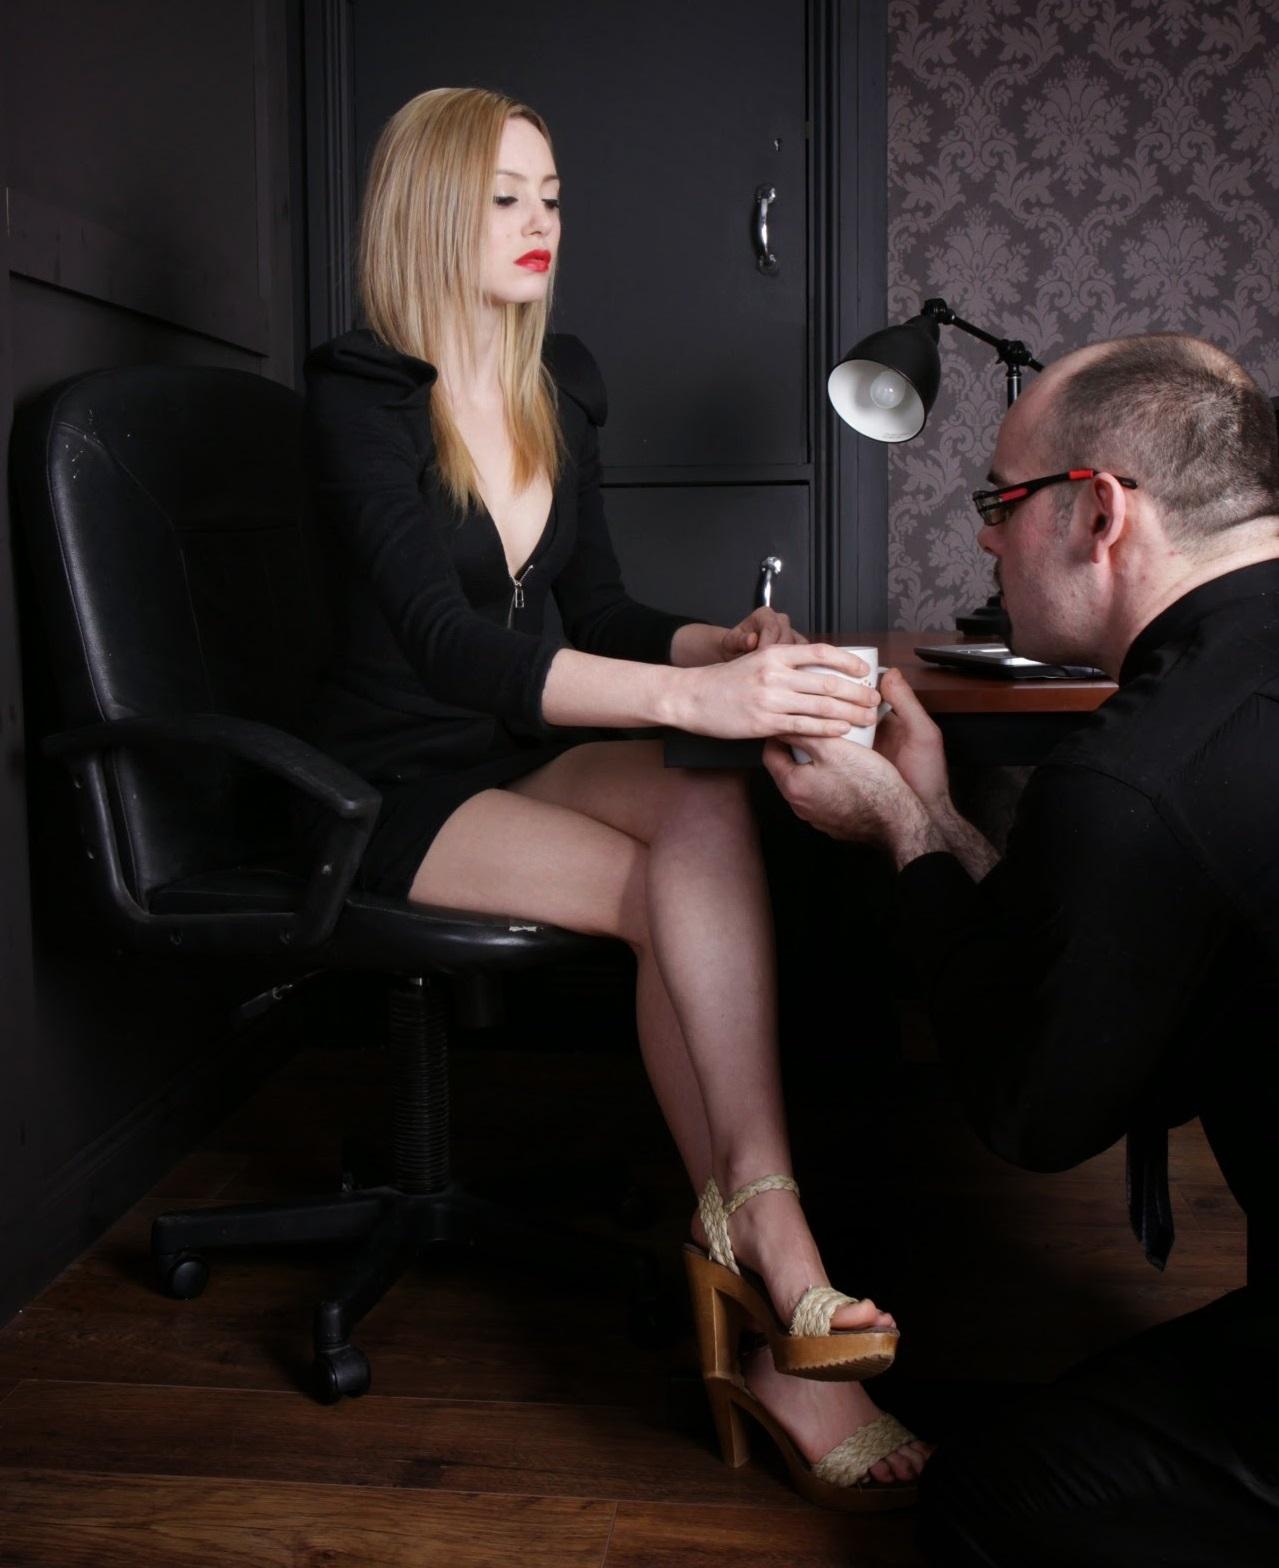 yo dominación femenina